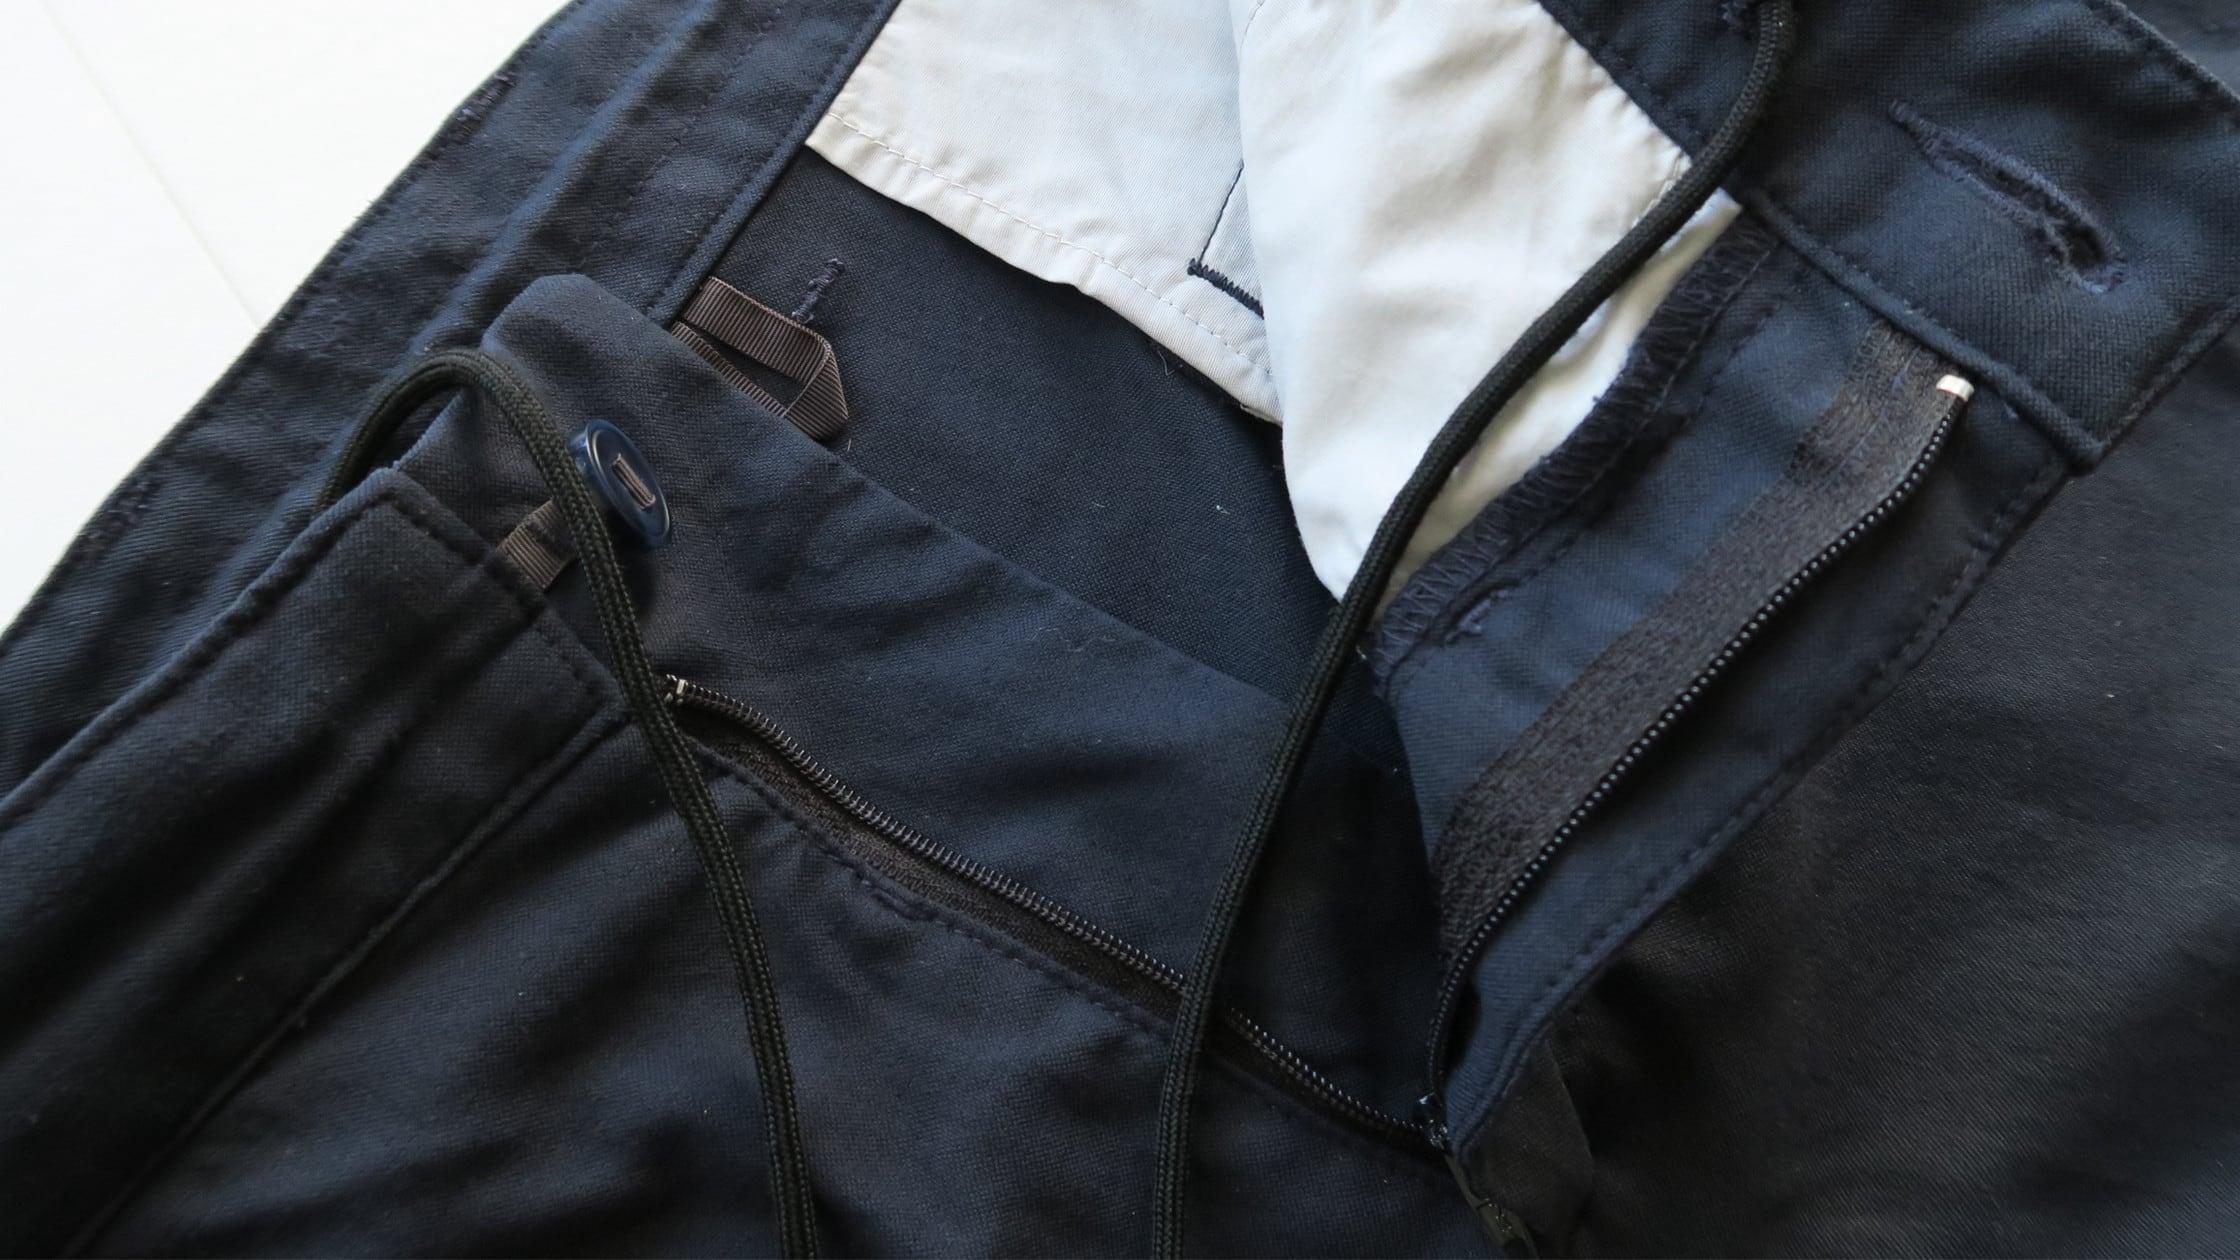 New Way Shorts drawstring and hanger loop